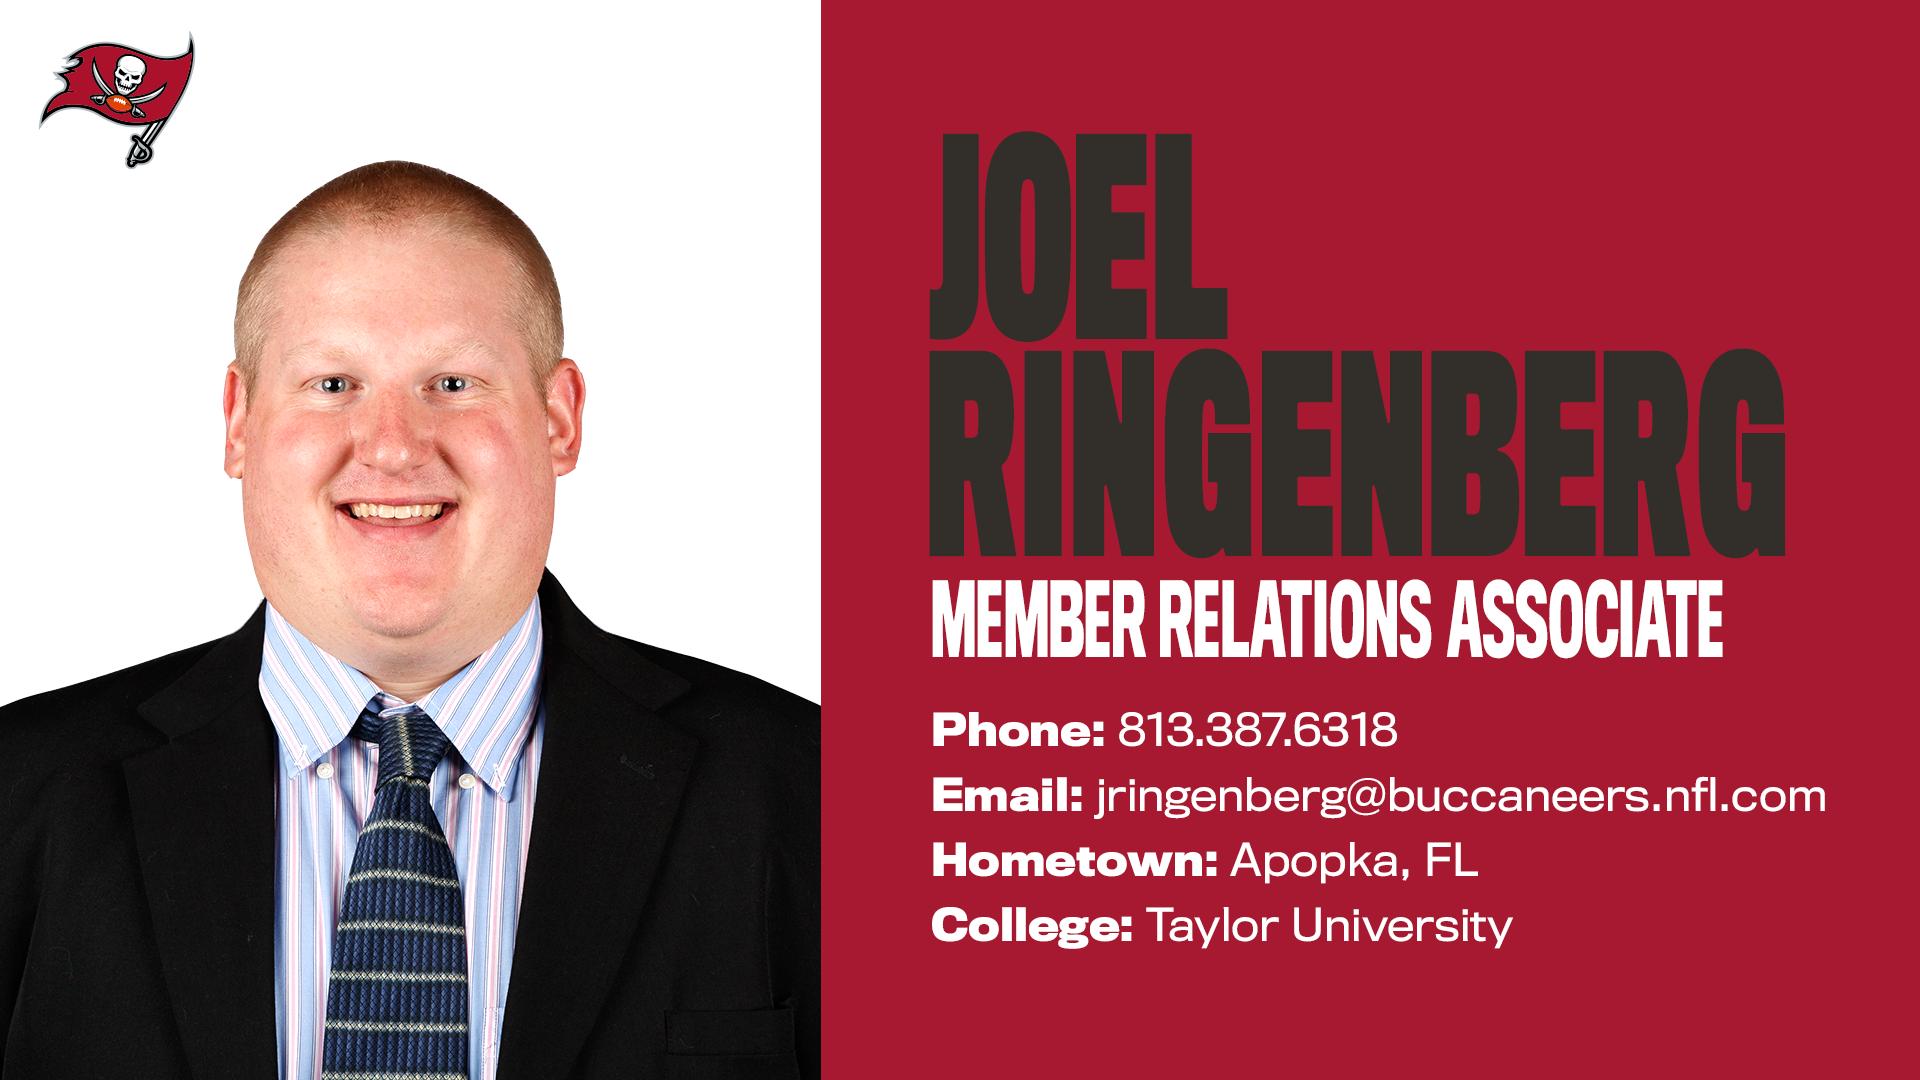 Joel Ringenberg